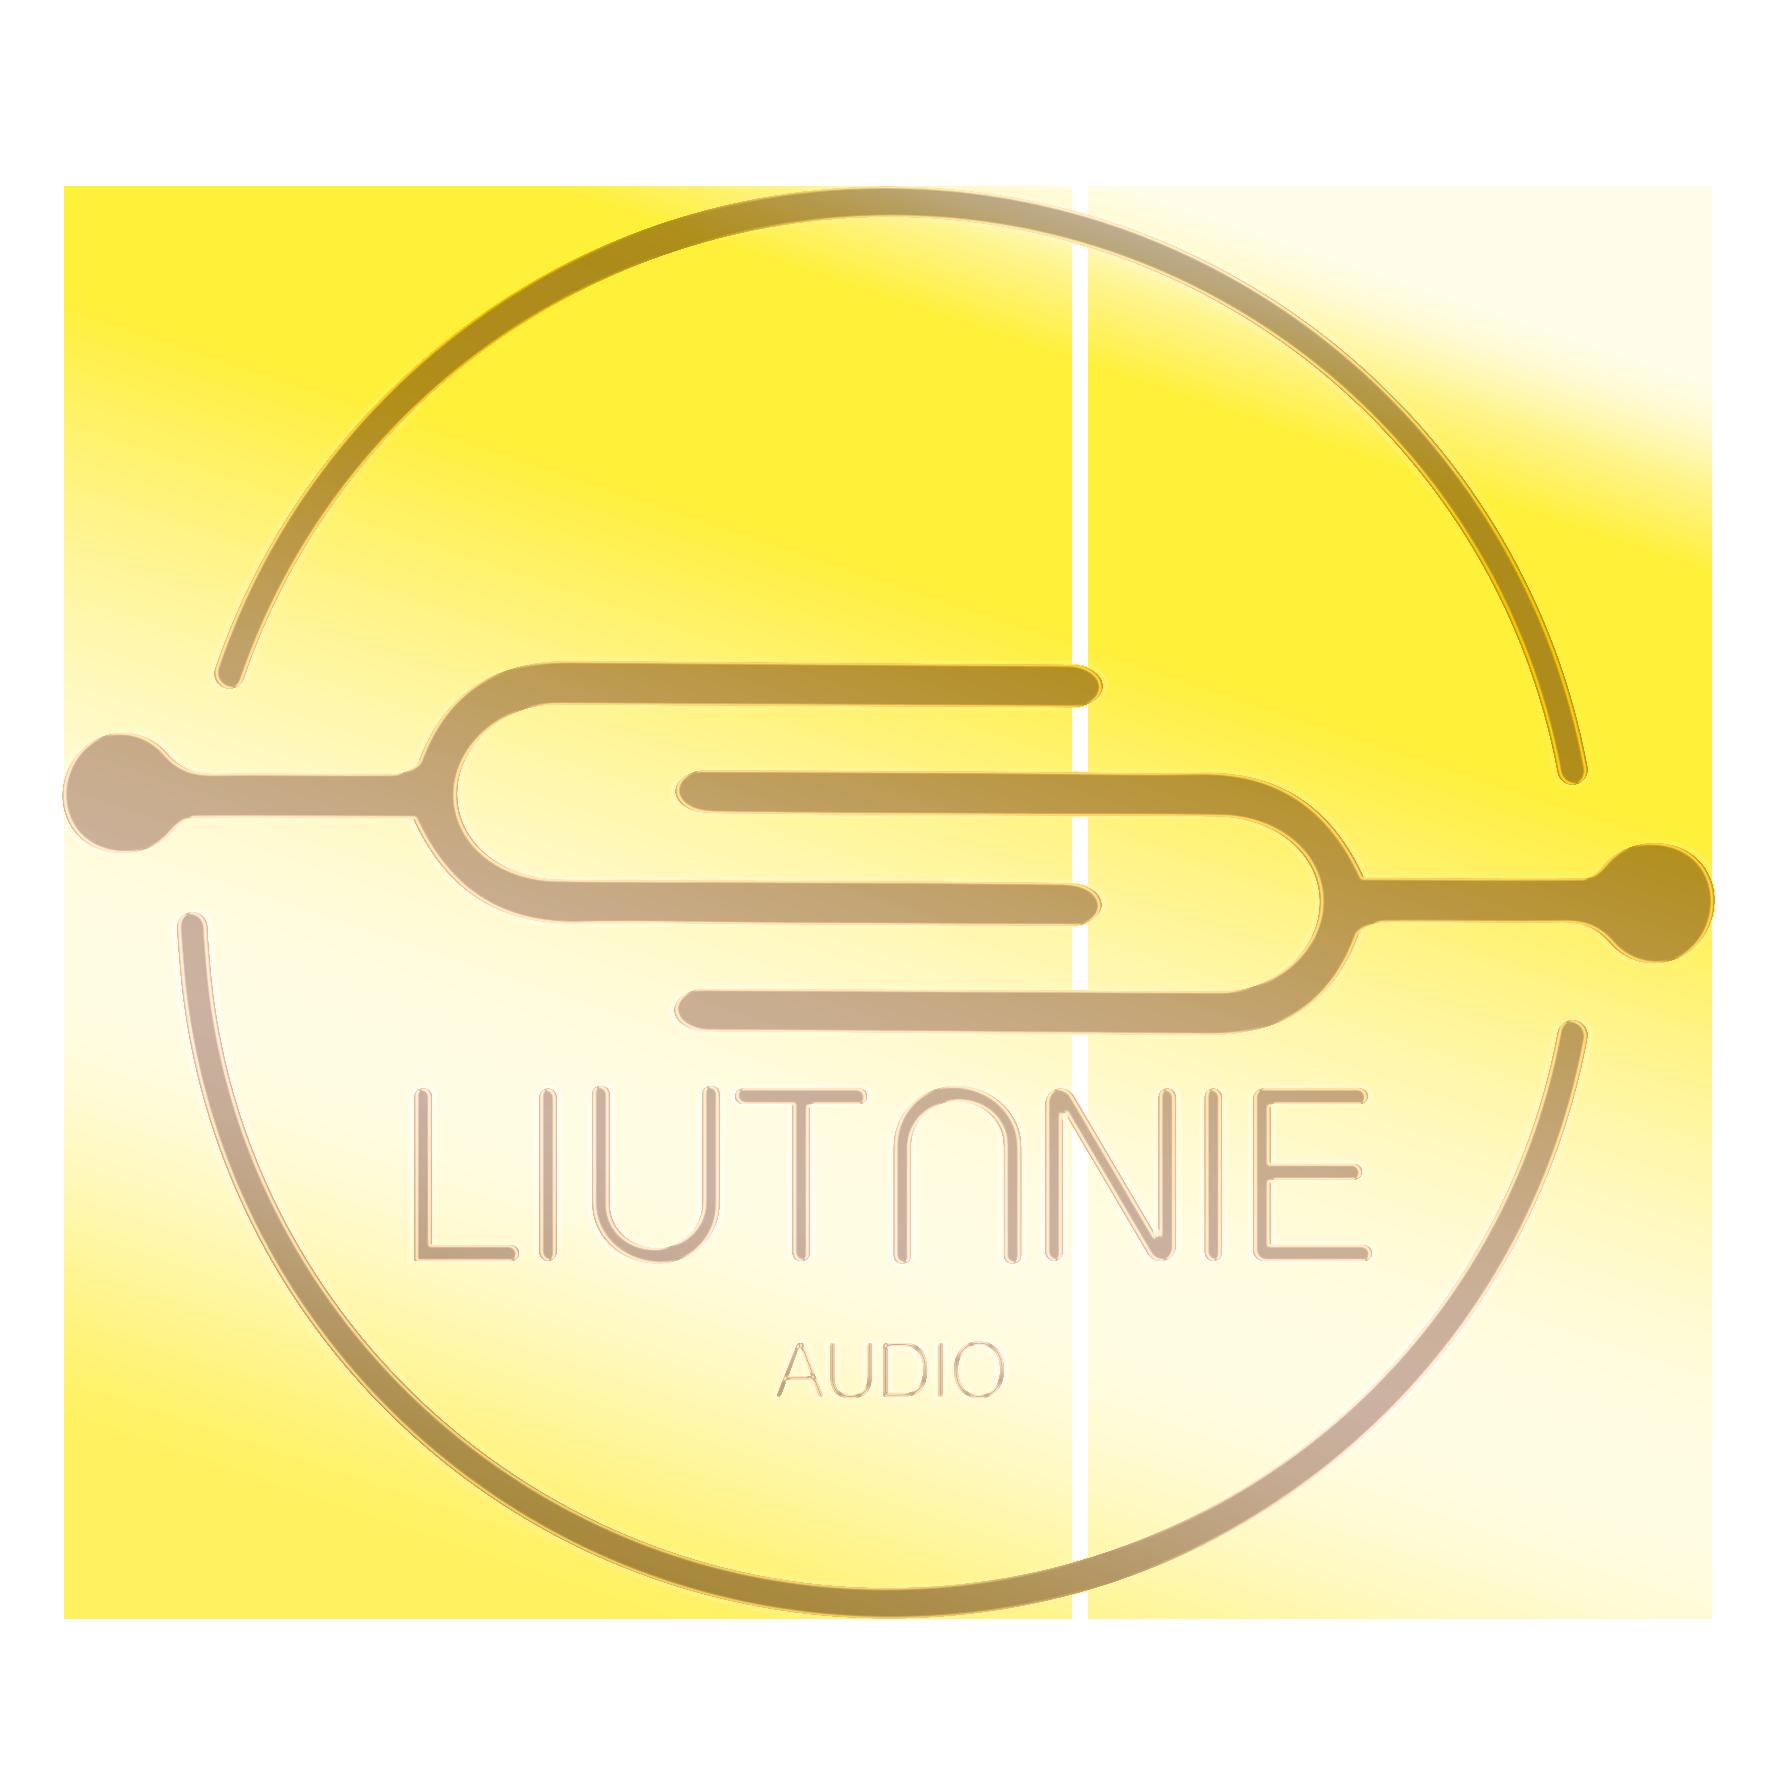 Liutanie Audio